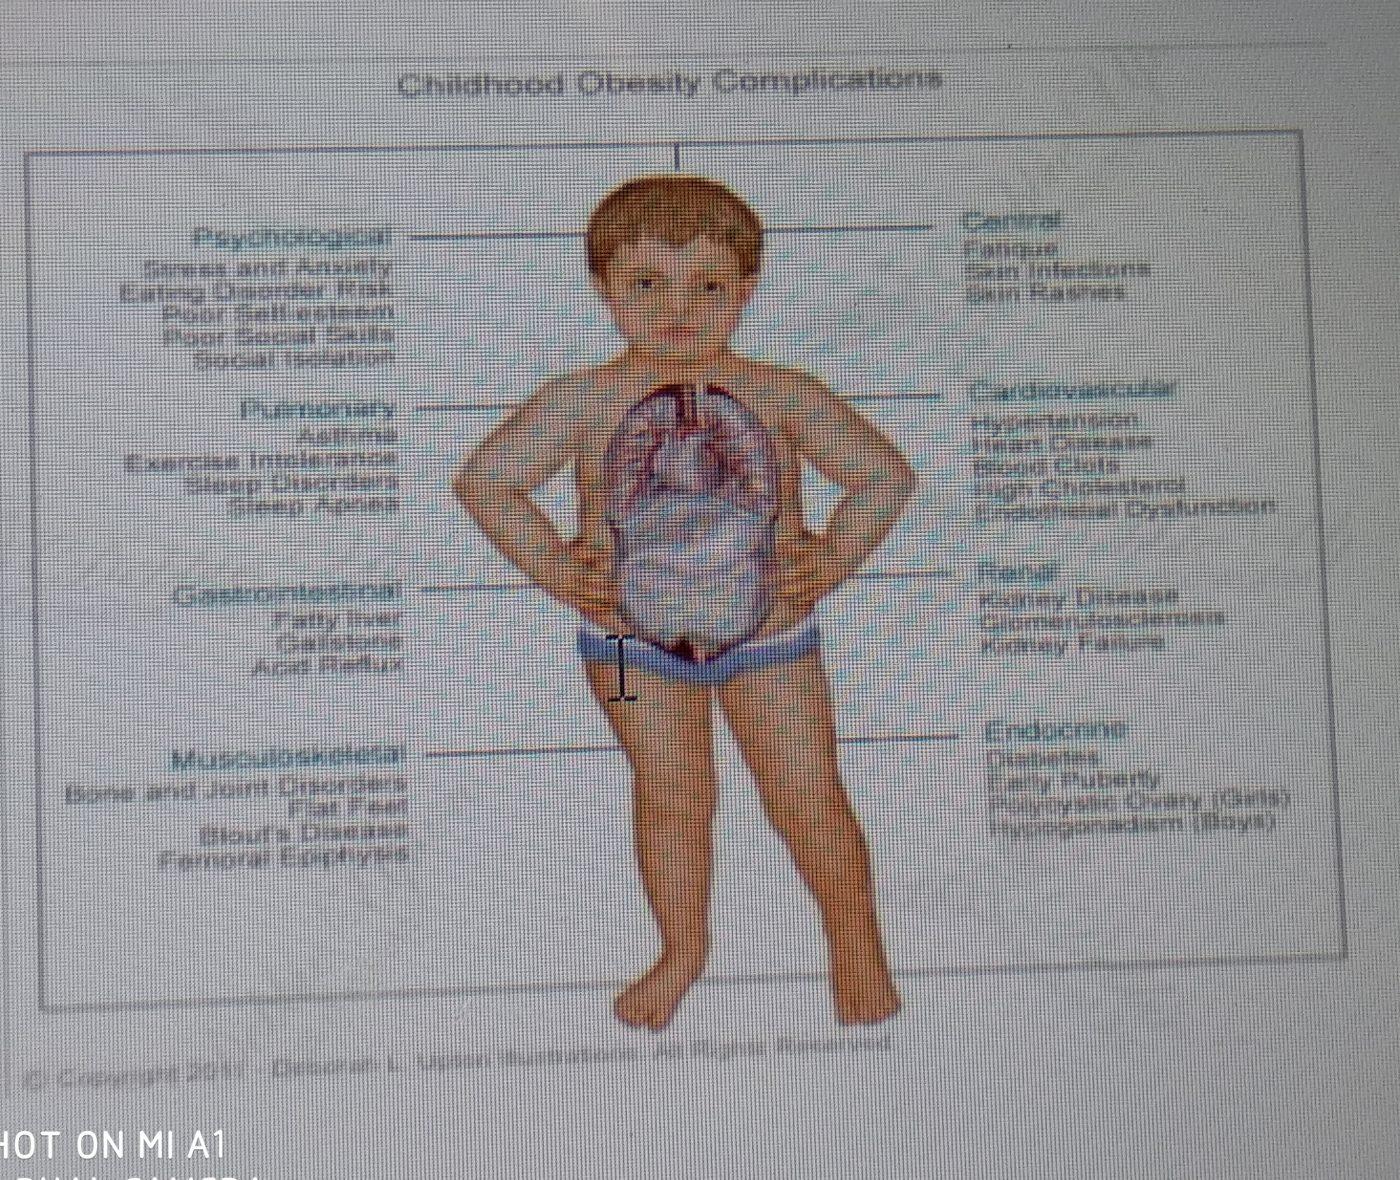 Obesitas pada Anak, Materi Dr. Damayanti Rusdi